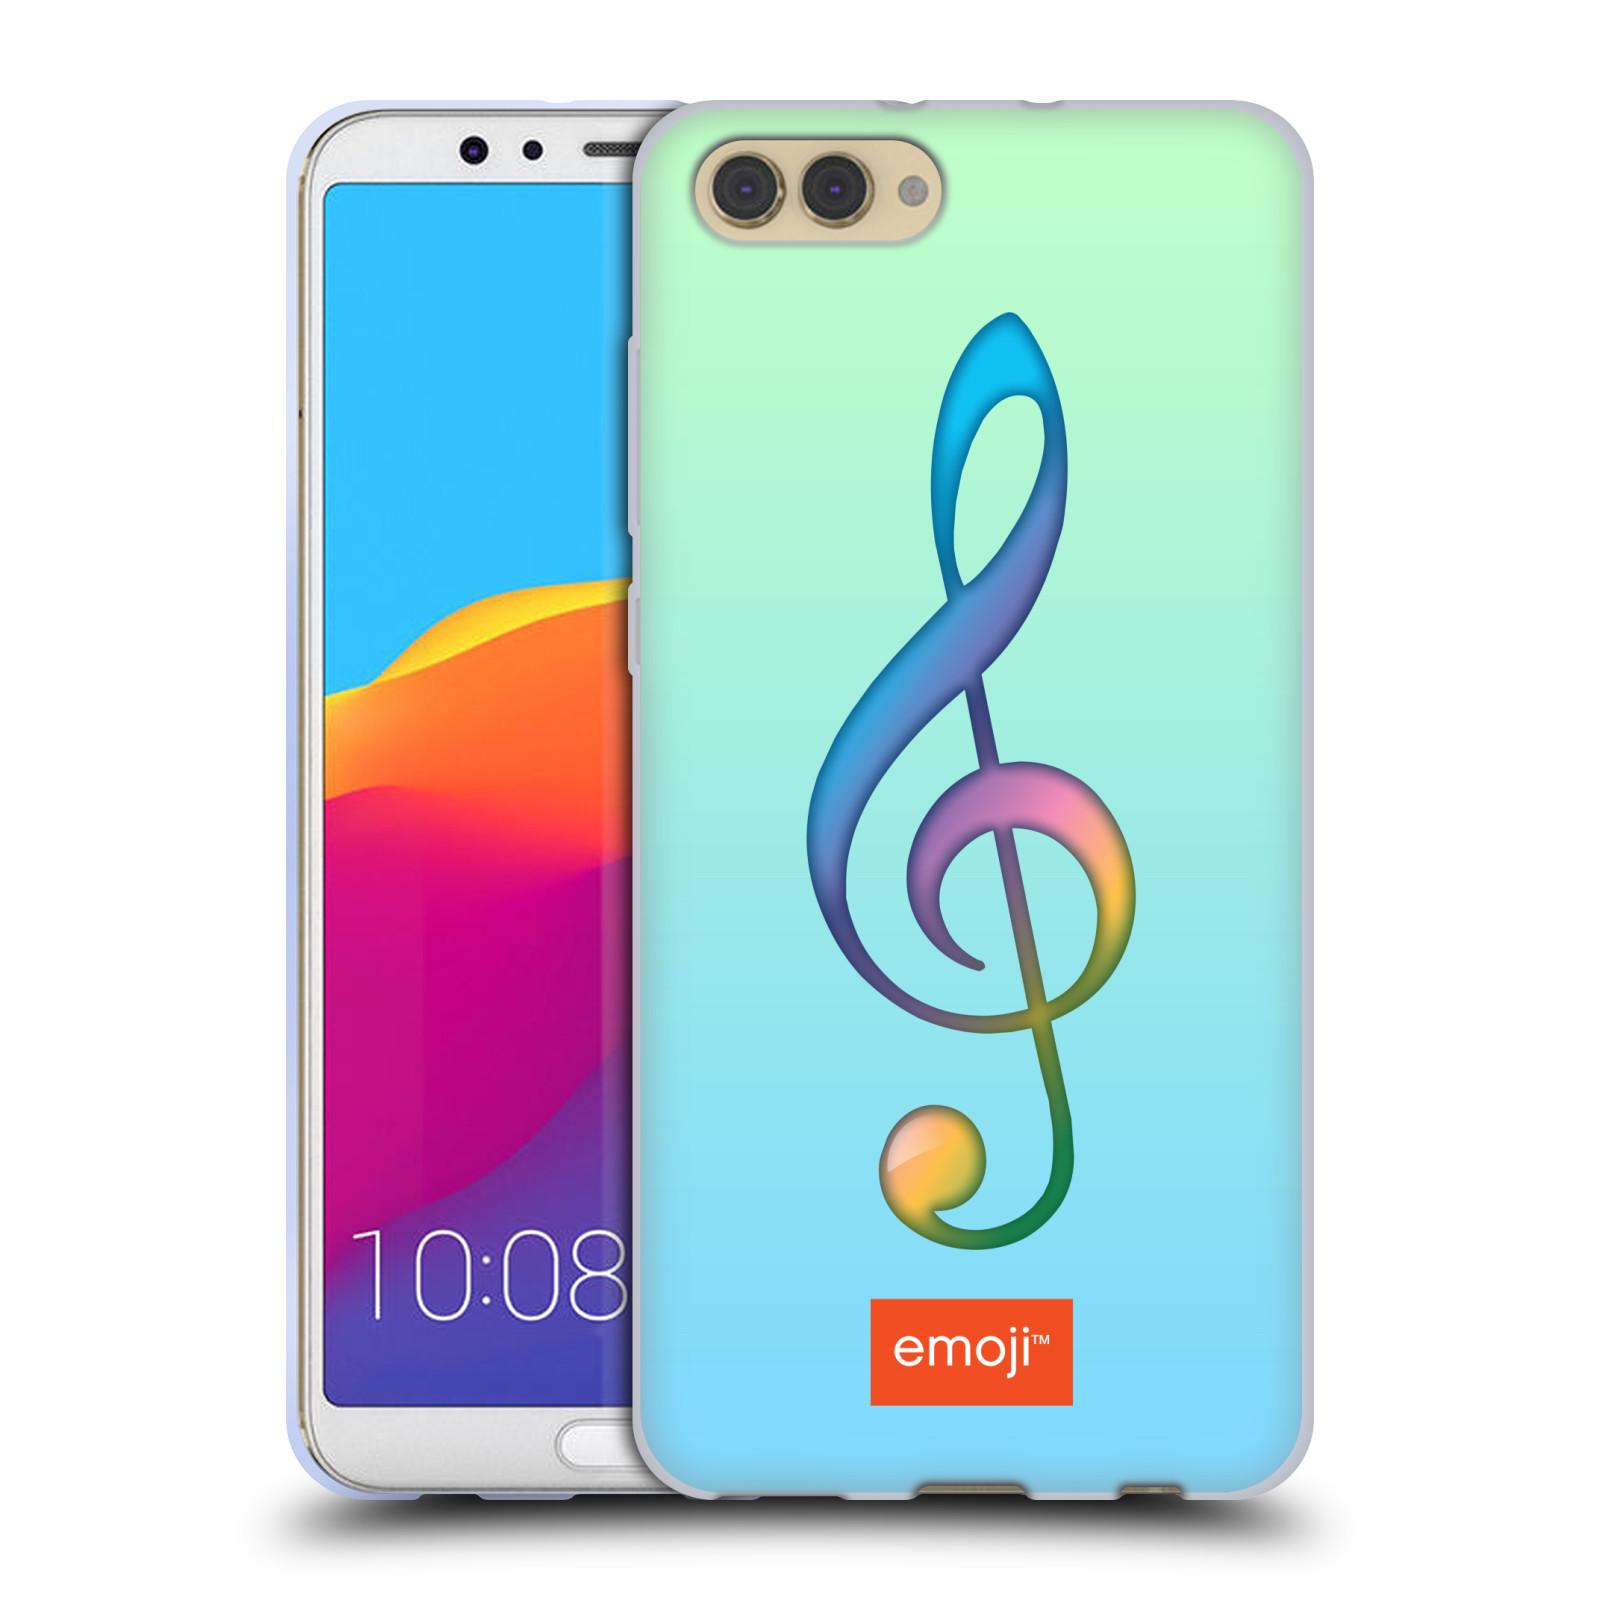 HEAD CASE silikonový obal na mobil Huawei HONOR VIEW 10 / V10 smajlík oficiální kryt EMOJI hudba notový klíč